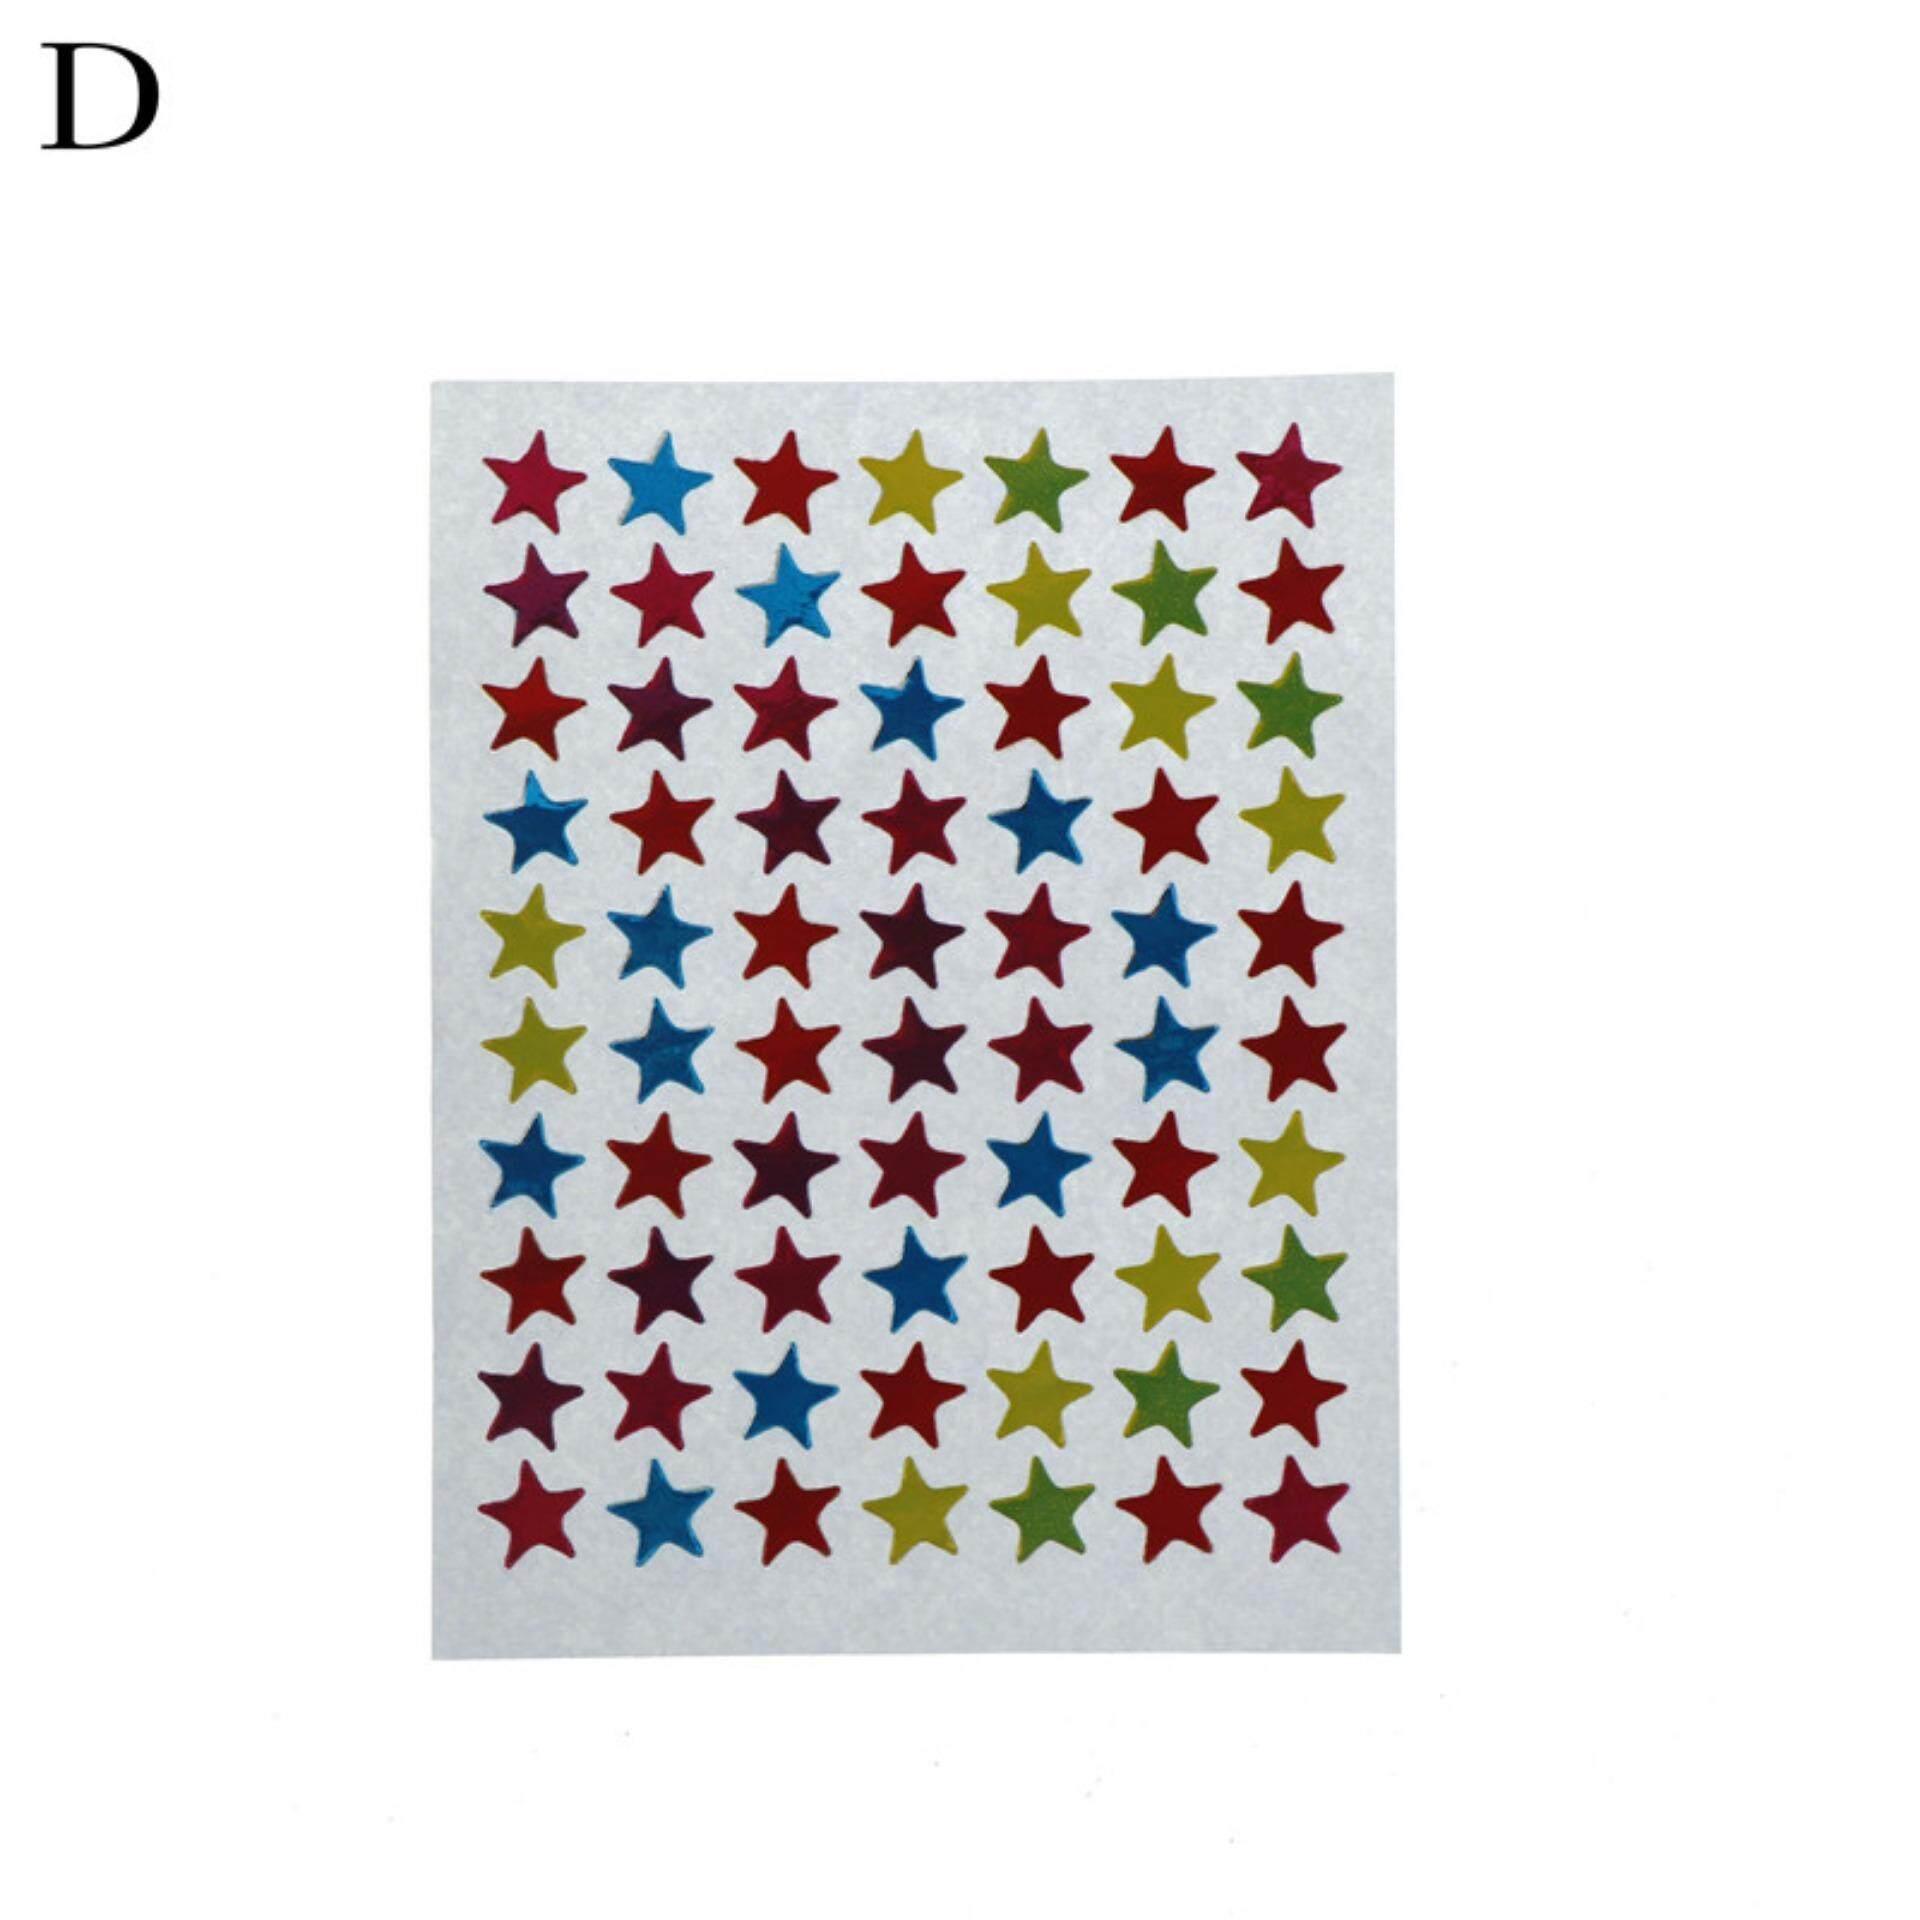 Mua Mini Toàn Phương Star Dán Thẻ Kid Dự Án Bao Niêm Phong Sổ Lưu